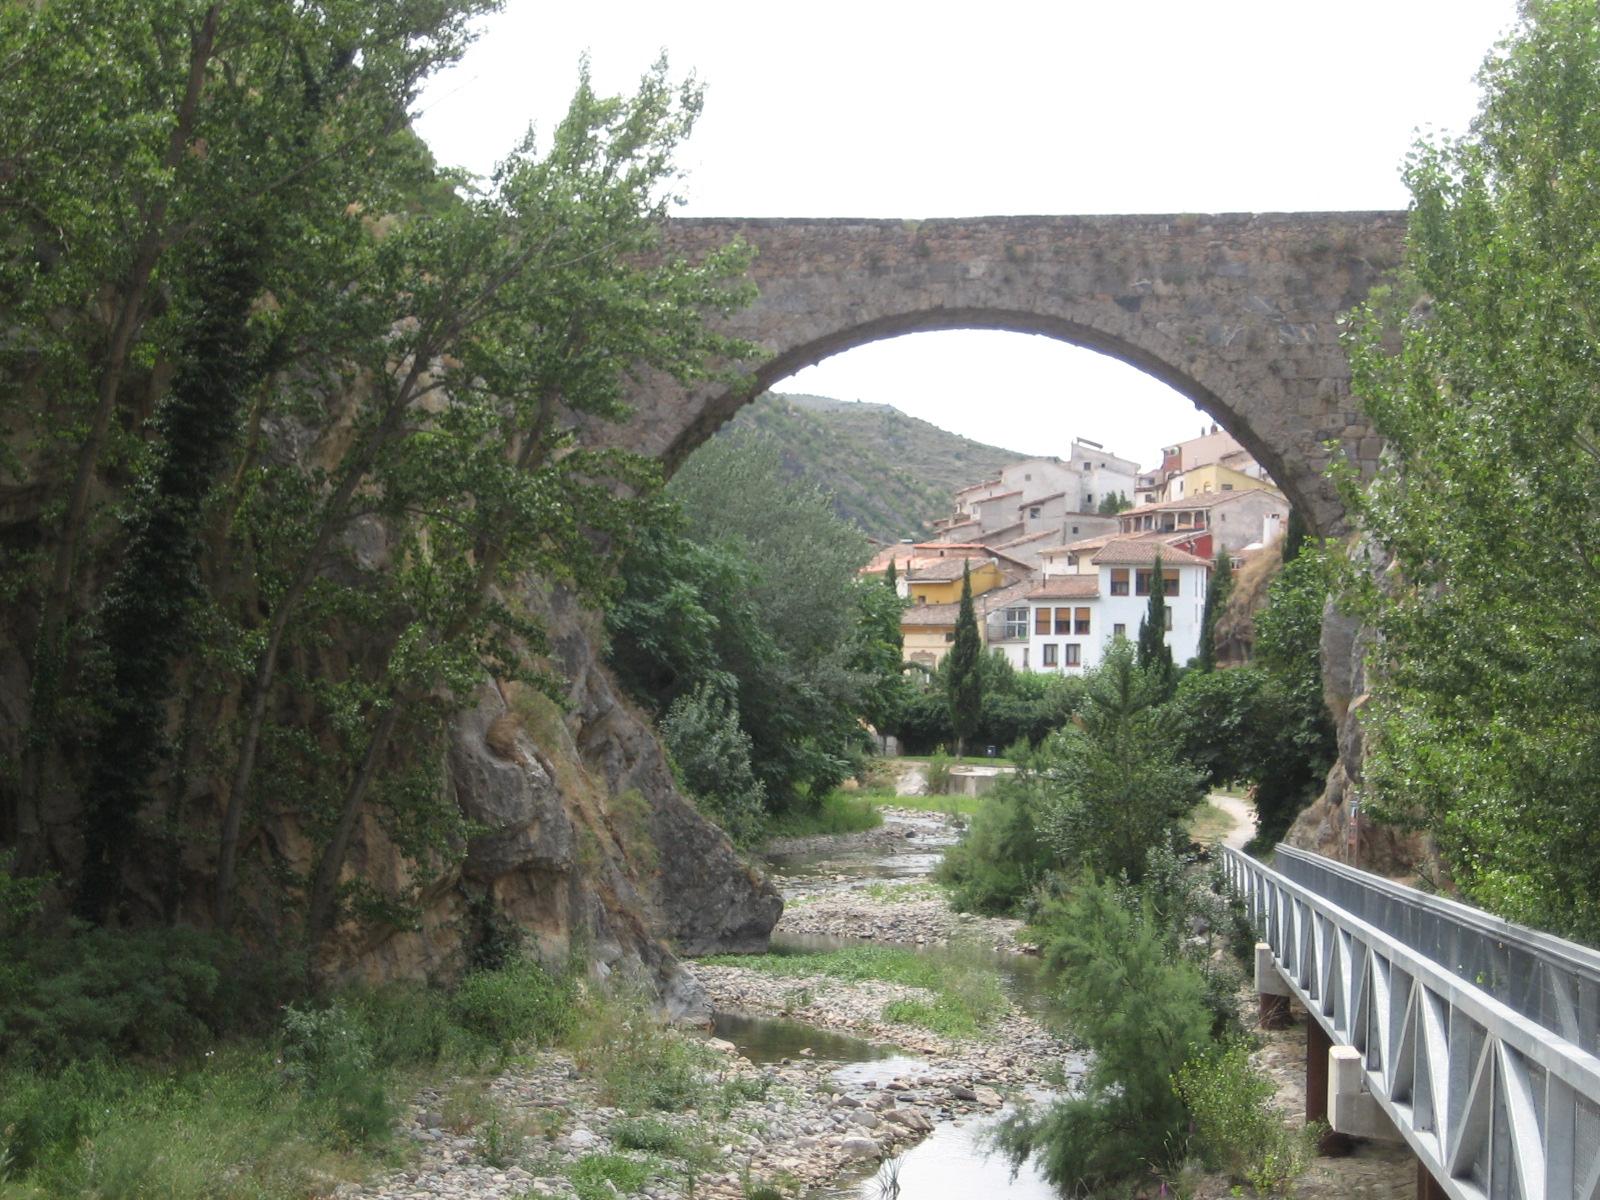 Puente de Arnedillo  Copyright 2016 M. Benito